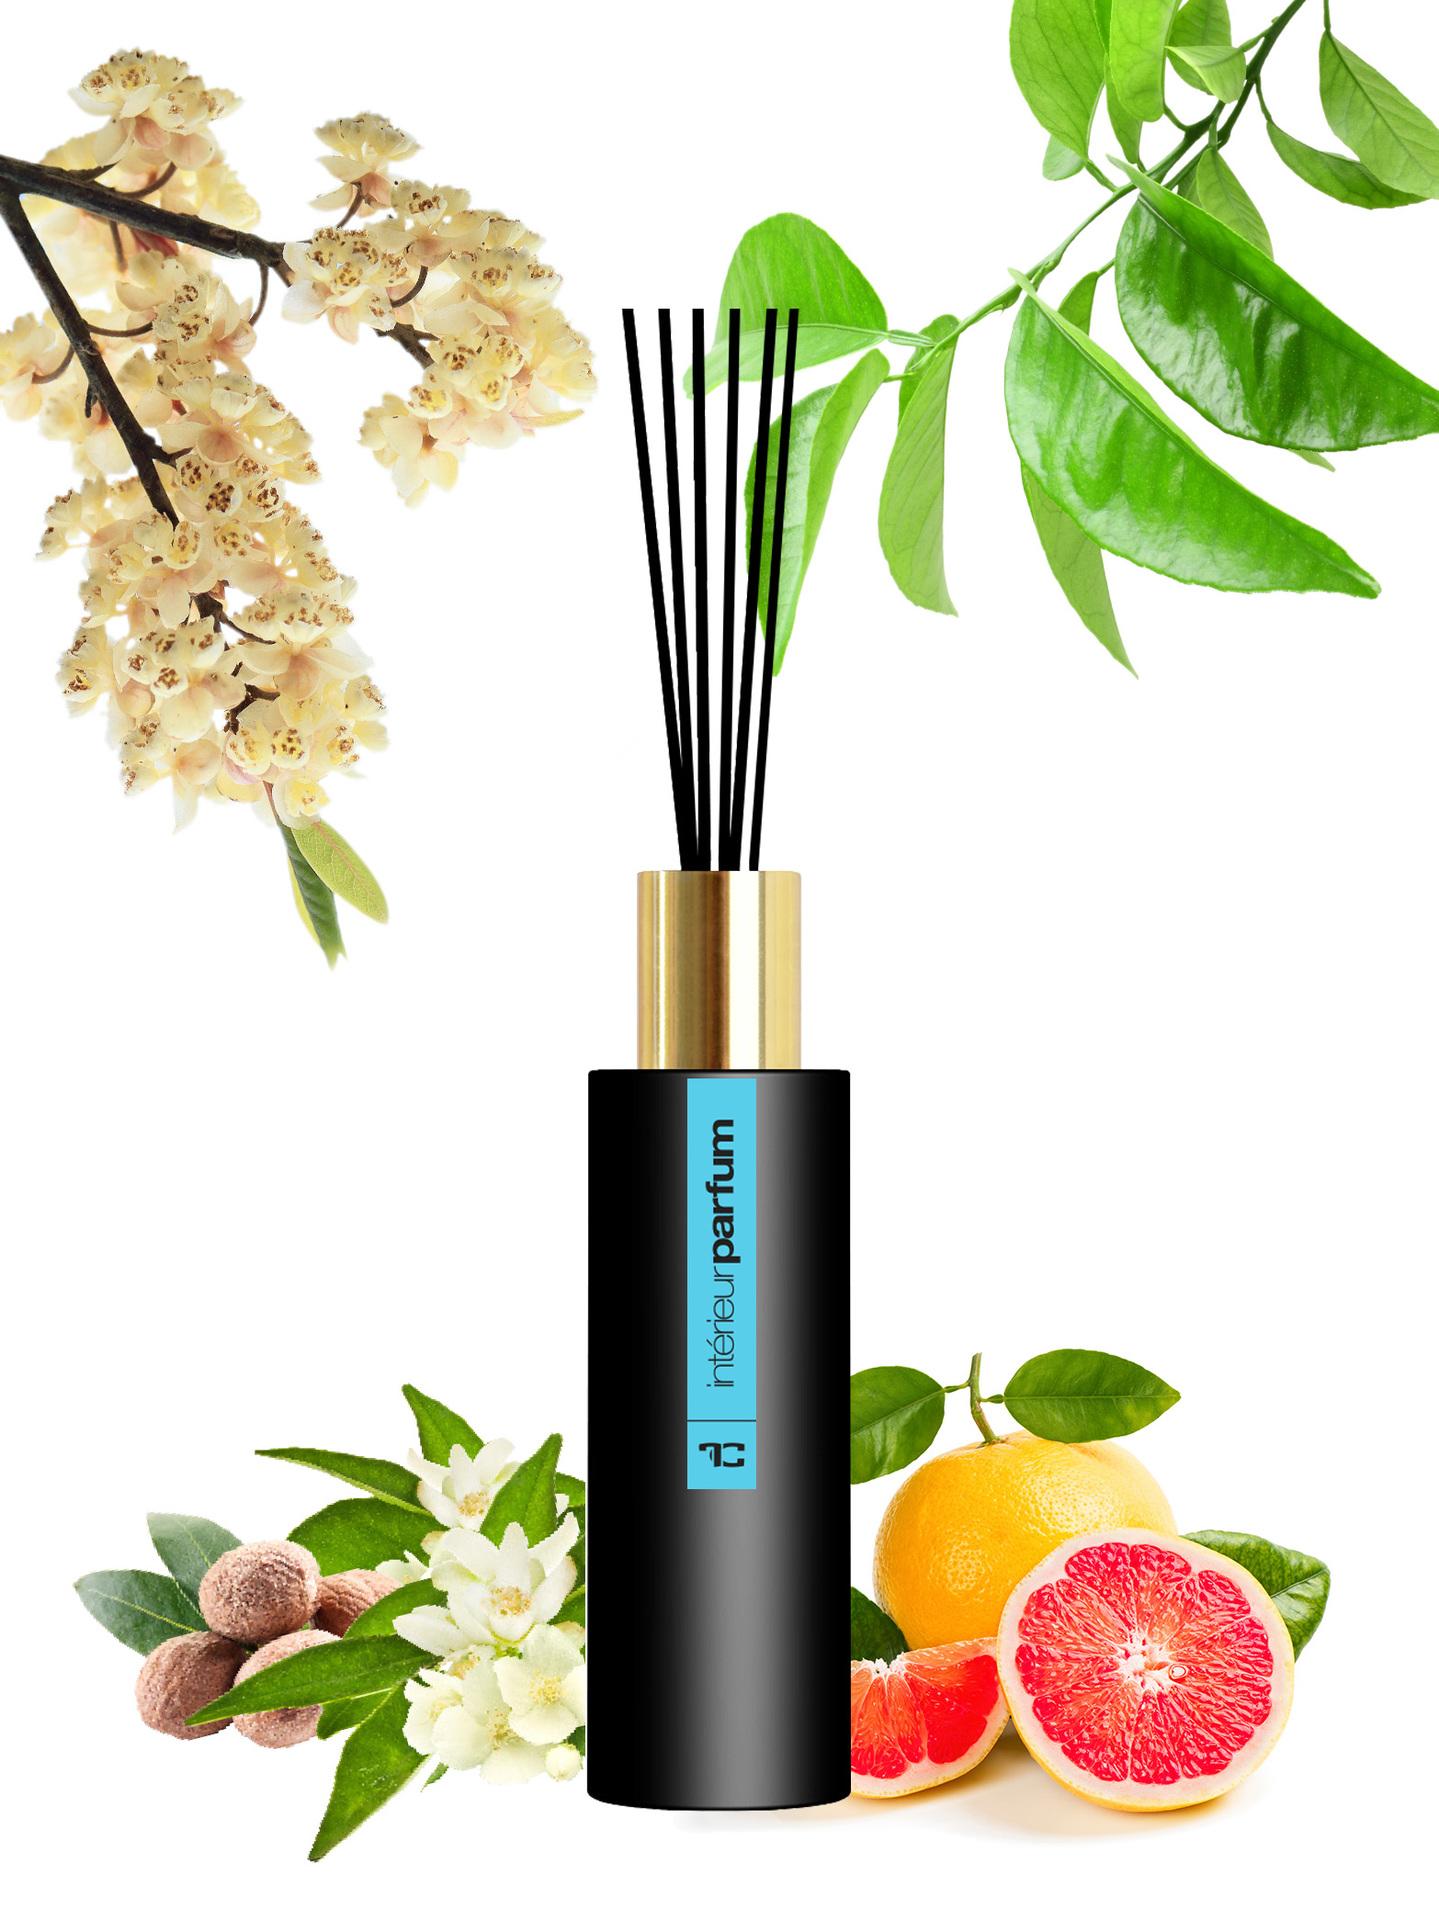 Interiérový parfém, LAGOON, vonný roztok s vysokým obsahem parfémové kompozice